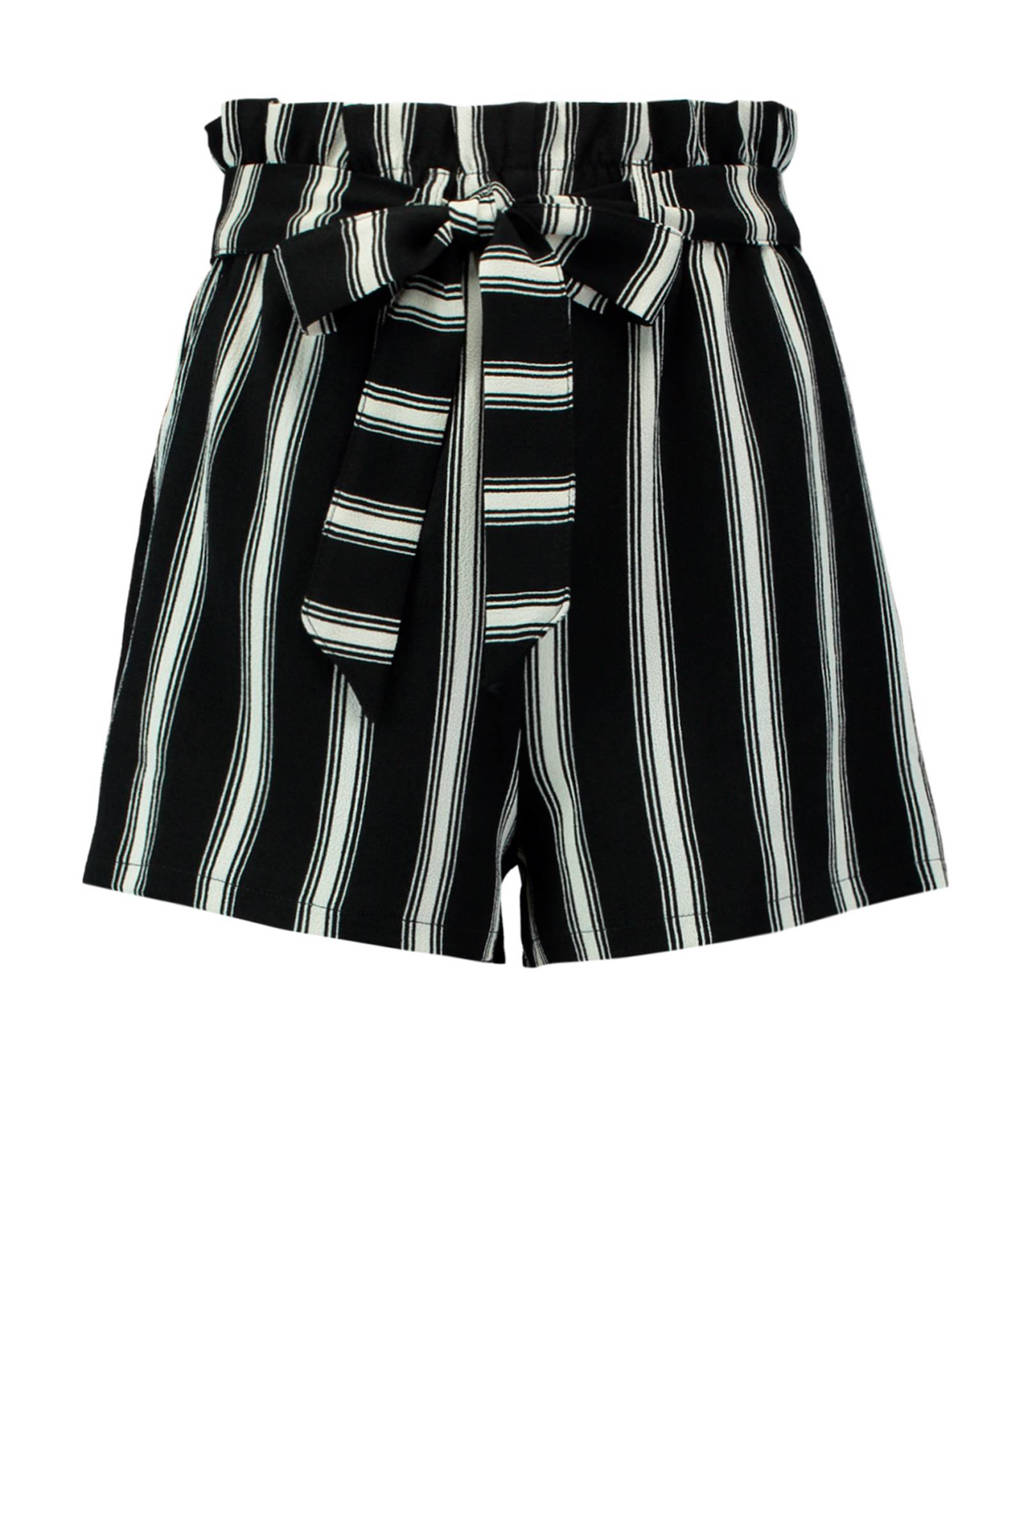 Hedendaags CoolCat gestreepte korte broek zwart | wehkamp KM-32